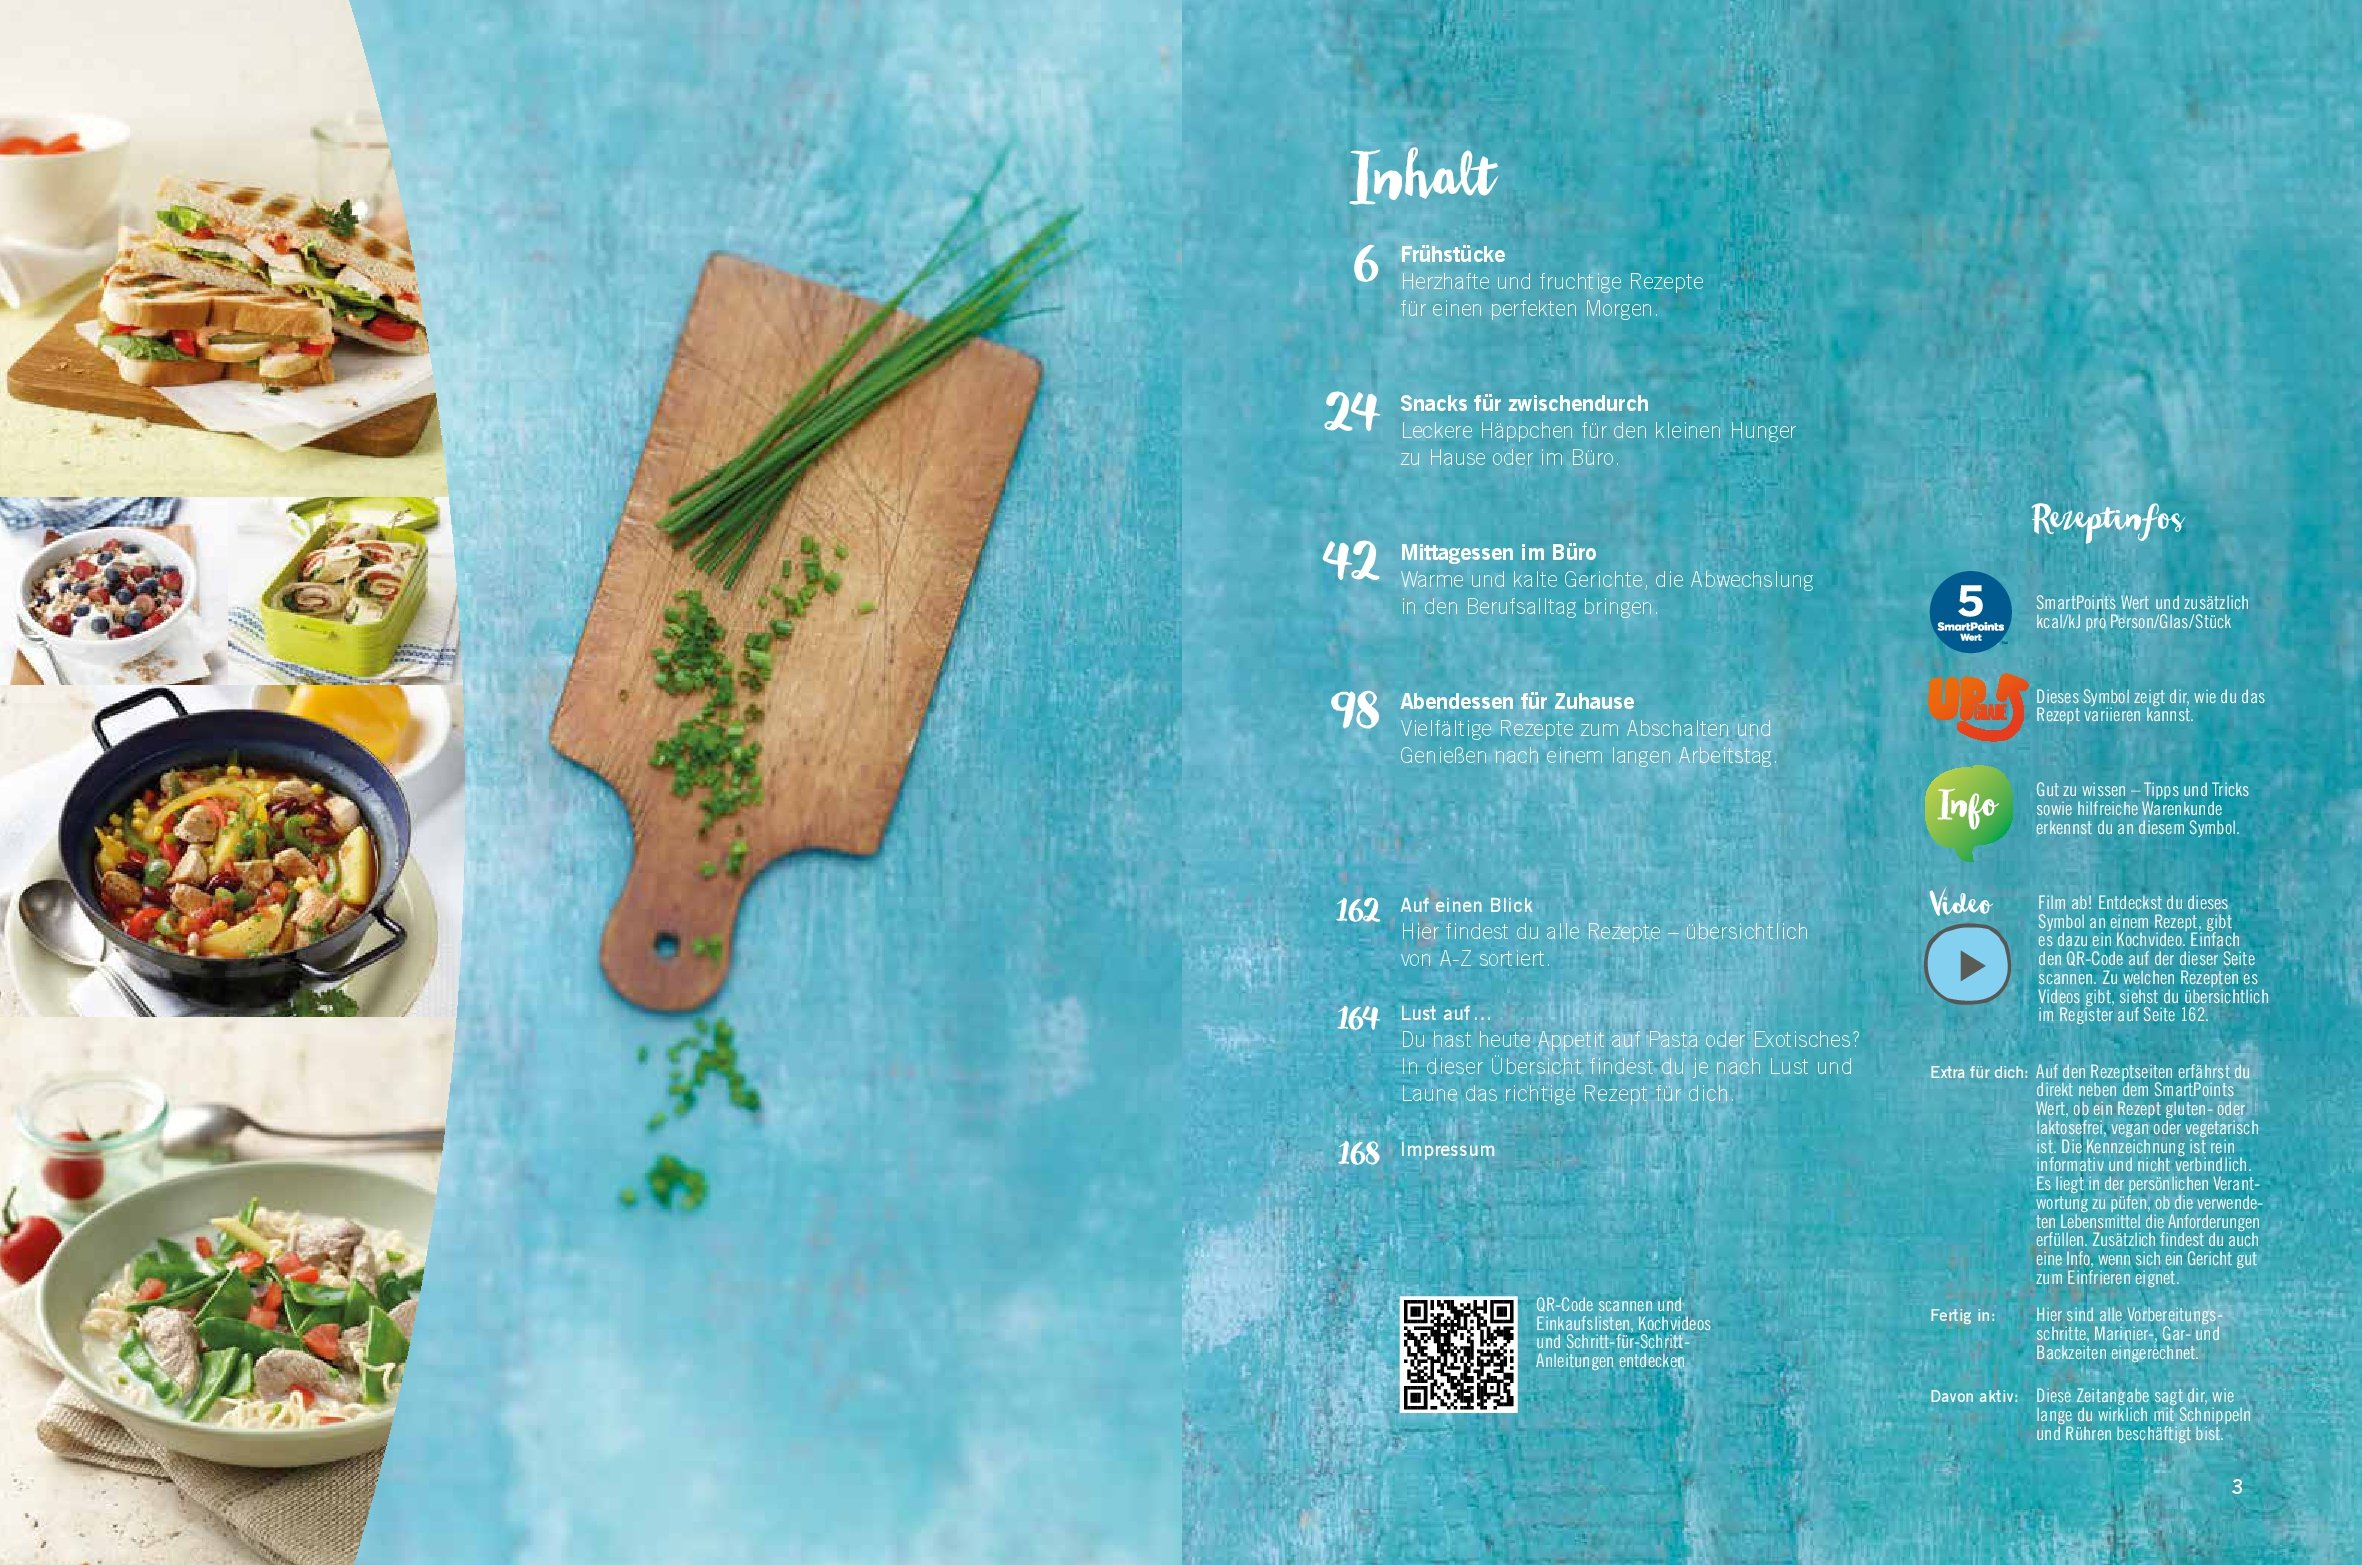 Leichte Sommerküche Ohne Kohlenhydrate : Rezept leichte küche abend motten in küche rückwand kunststoff